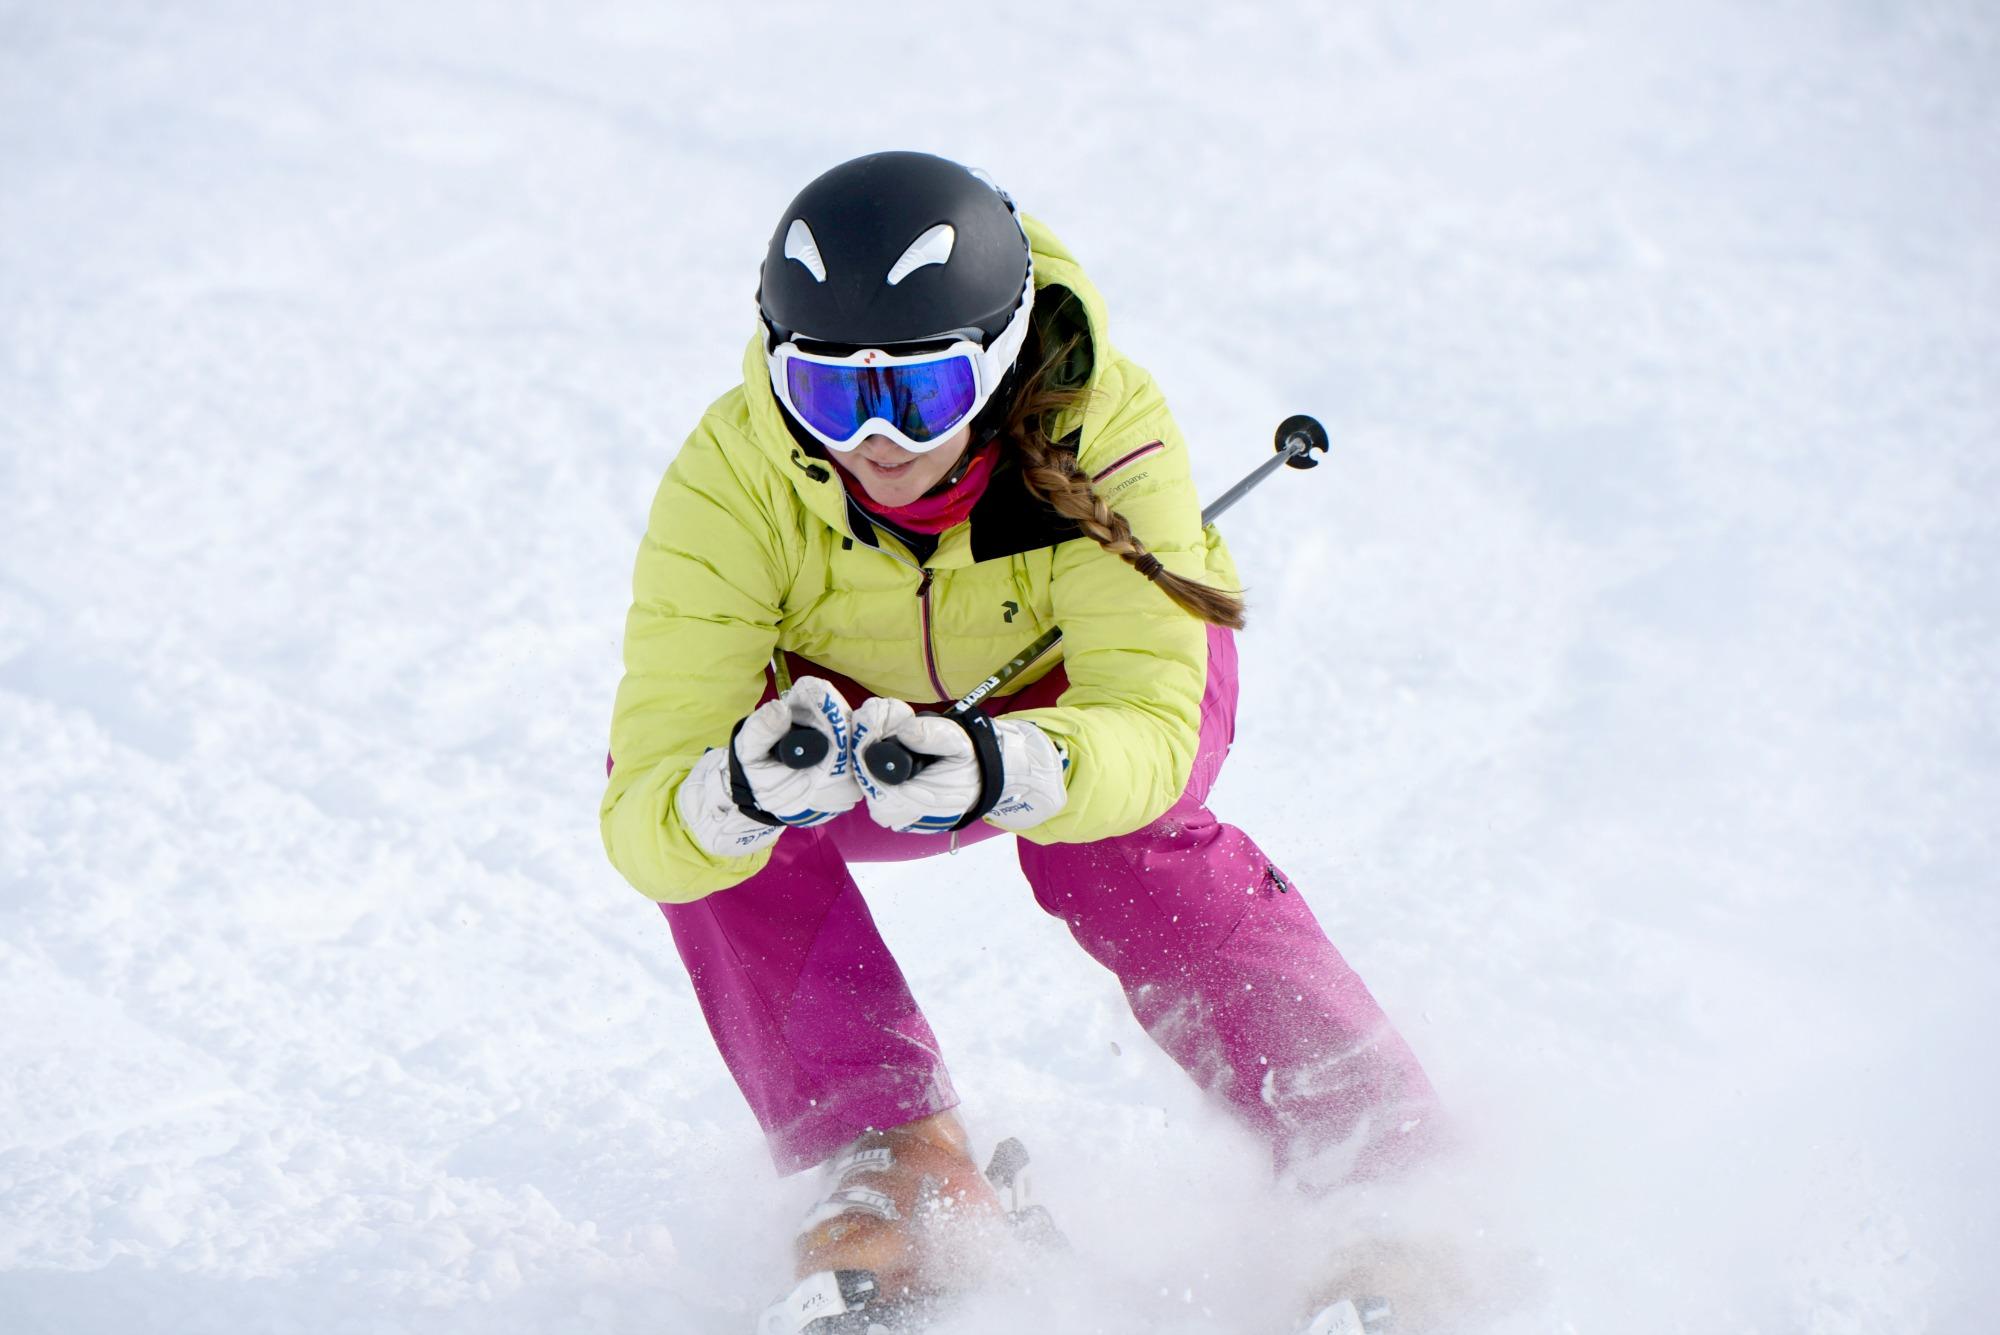 Fitnessblog-kästle-ski-klara-fuchs-österreich-blogger-sport-winter18